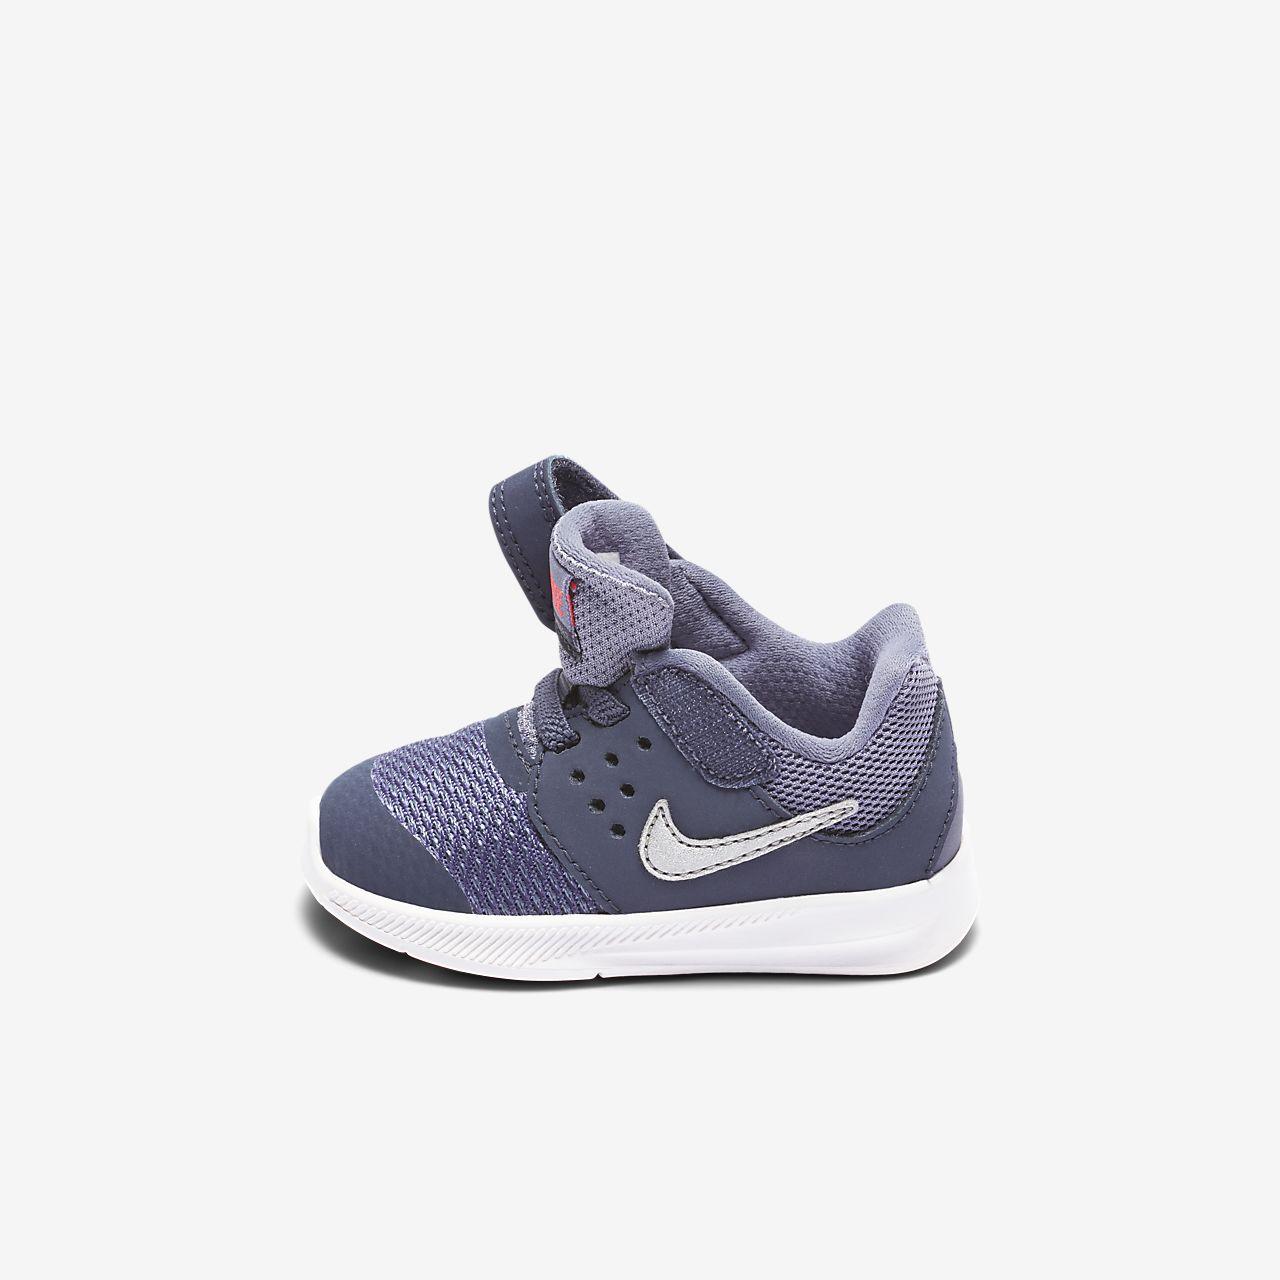 86aca9e59 Calzado para bebés Nike Downshifter 7. Nike.com MX